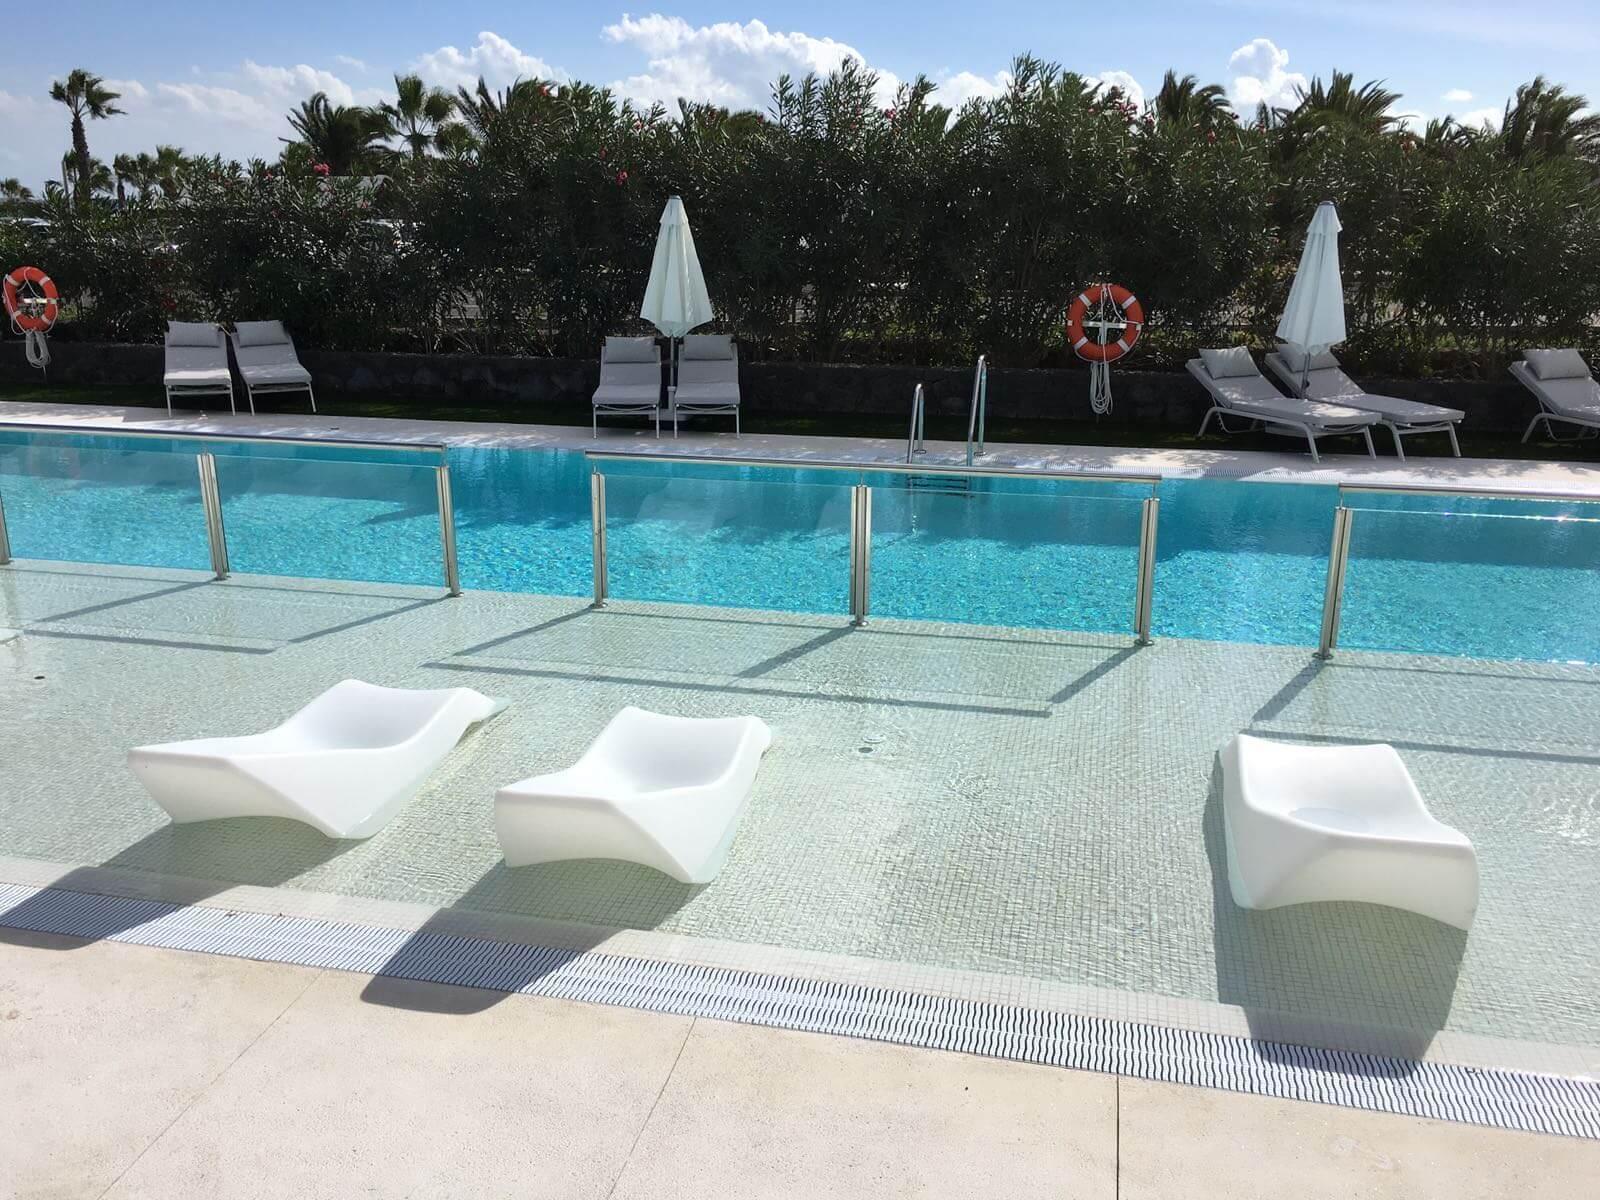 Piscinas hotel elba lanzarote royal village resort for Piscinas naturales yaiza lanzarote